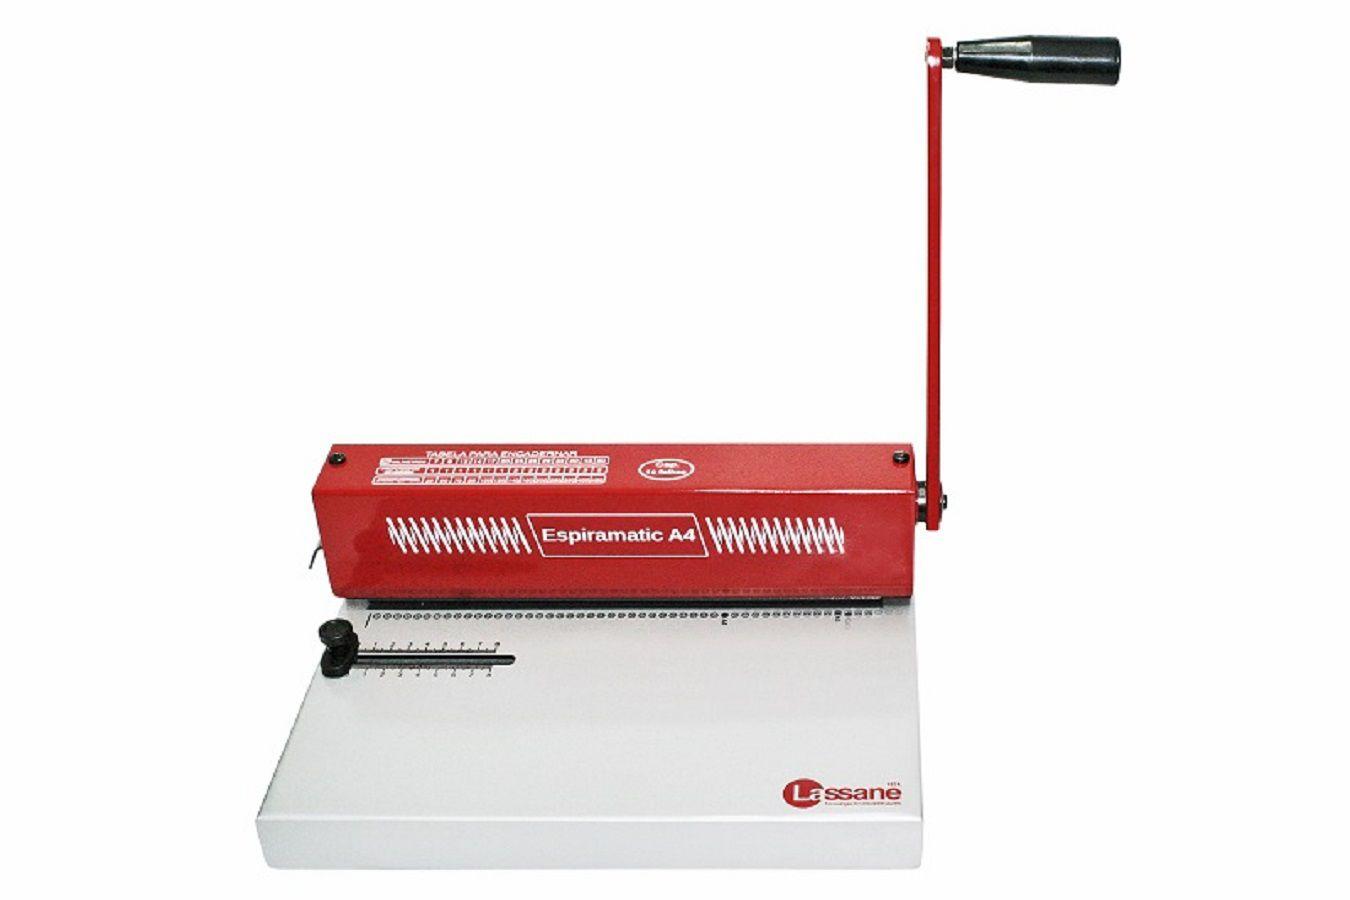 Encadernadora Perfuradora Manual Espiramatic A4 Lassane  - Click Suprimentos